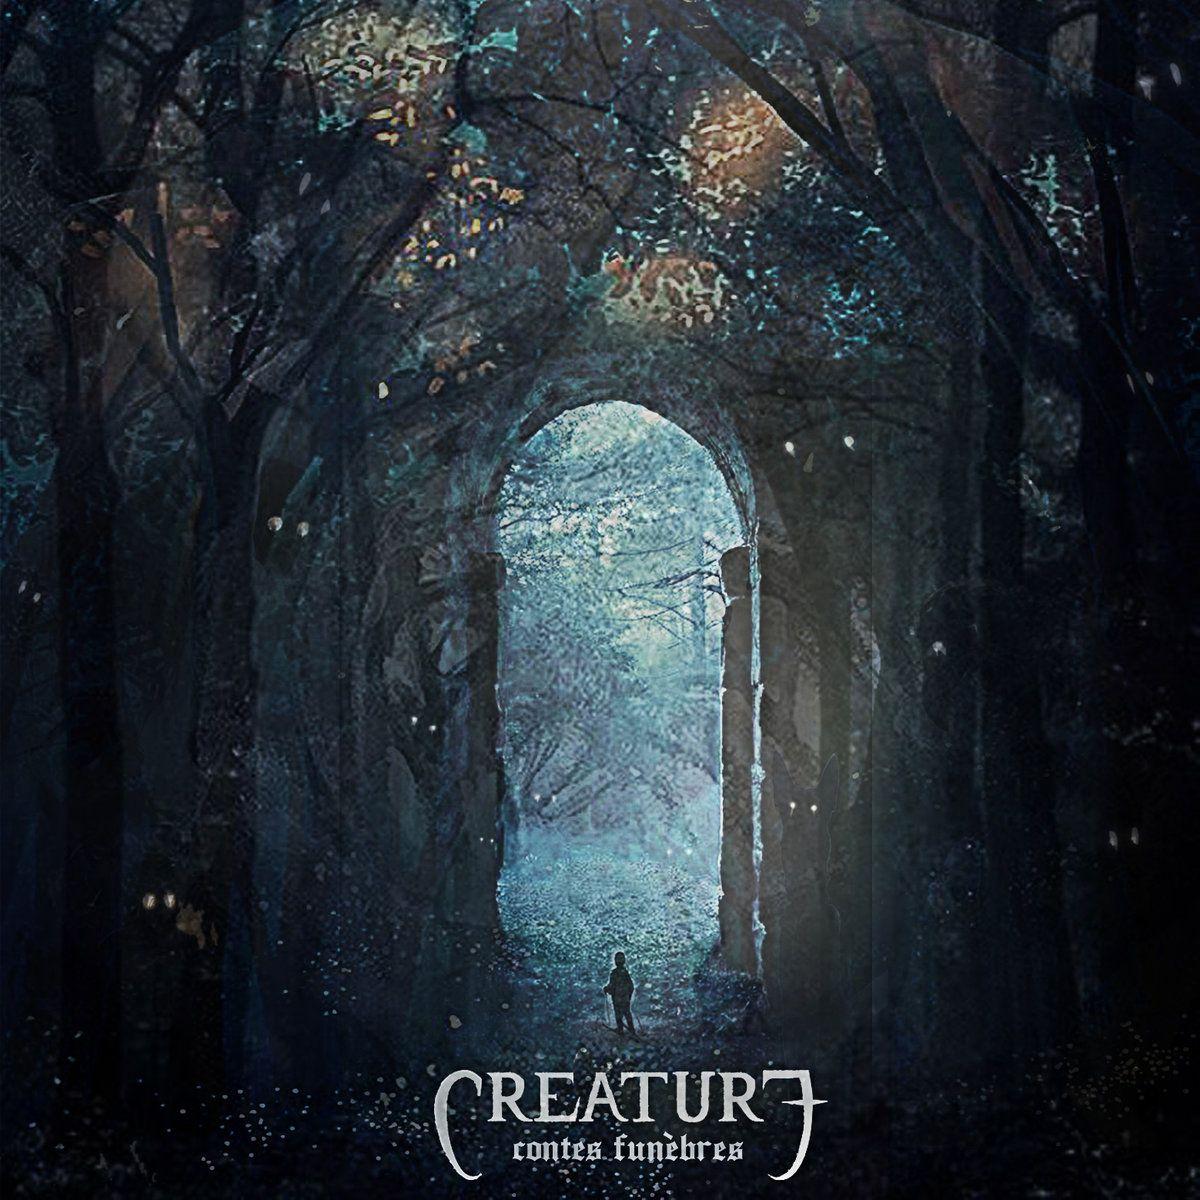 Creature (FRA) - Contes Funèbres